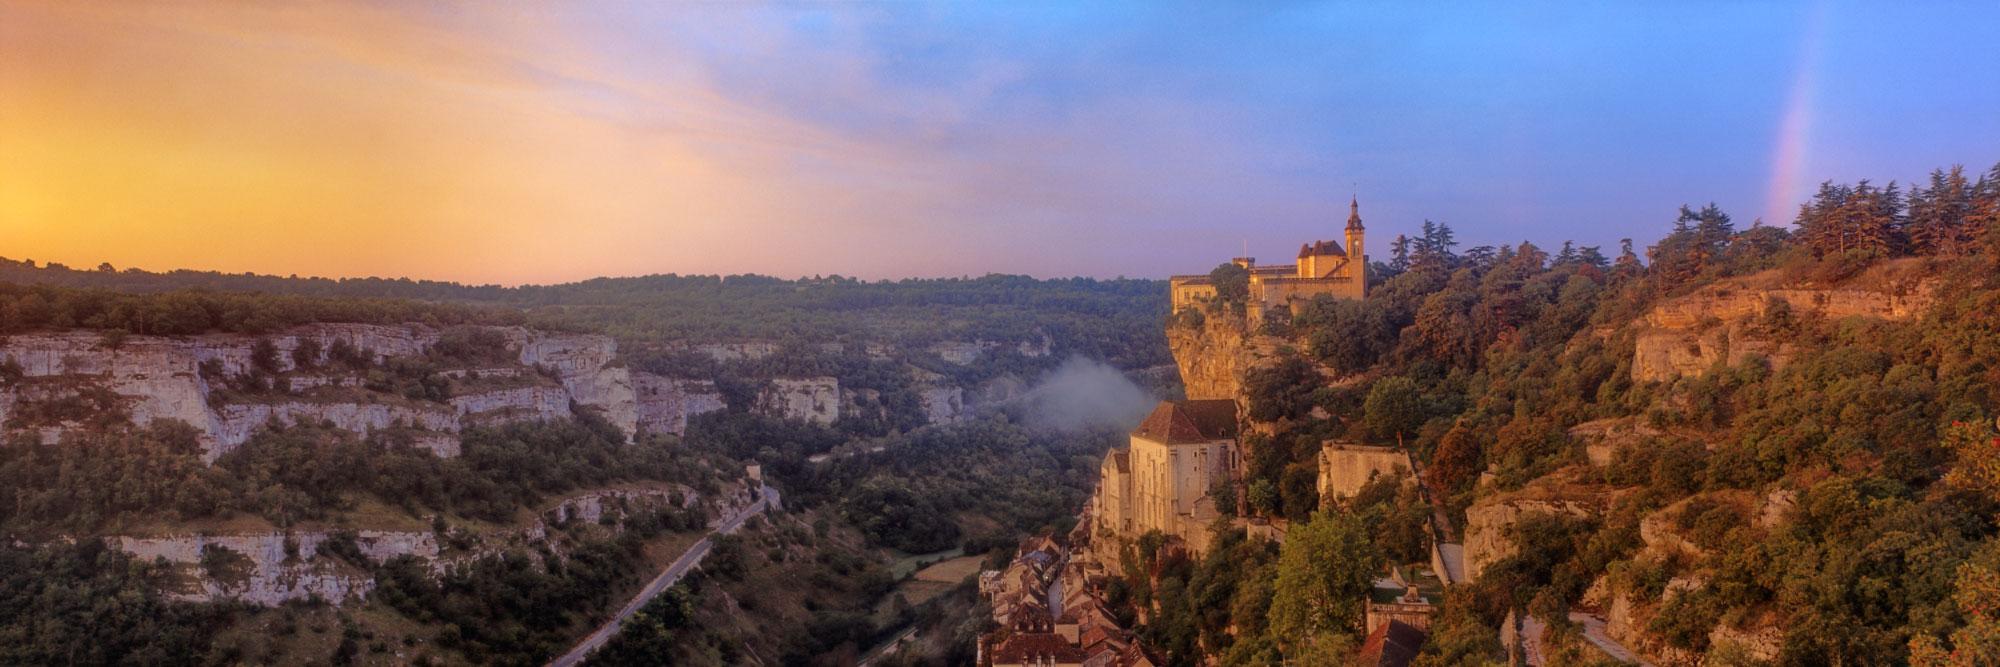 Rocamadour, Causses du Quercy